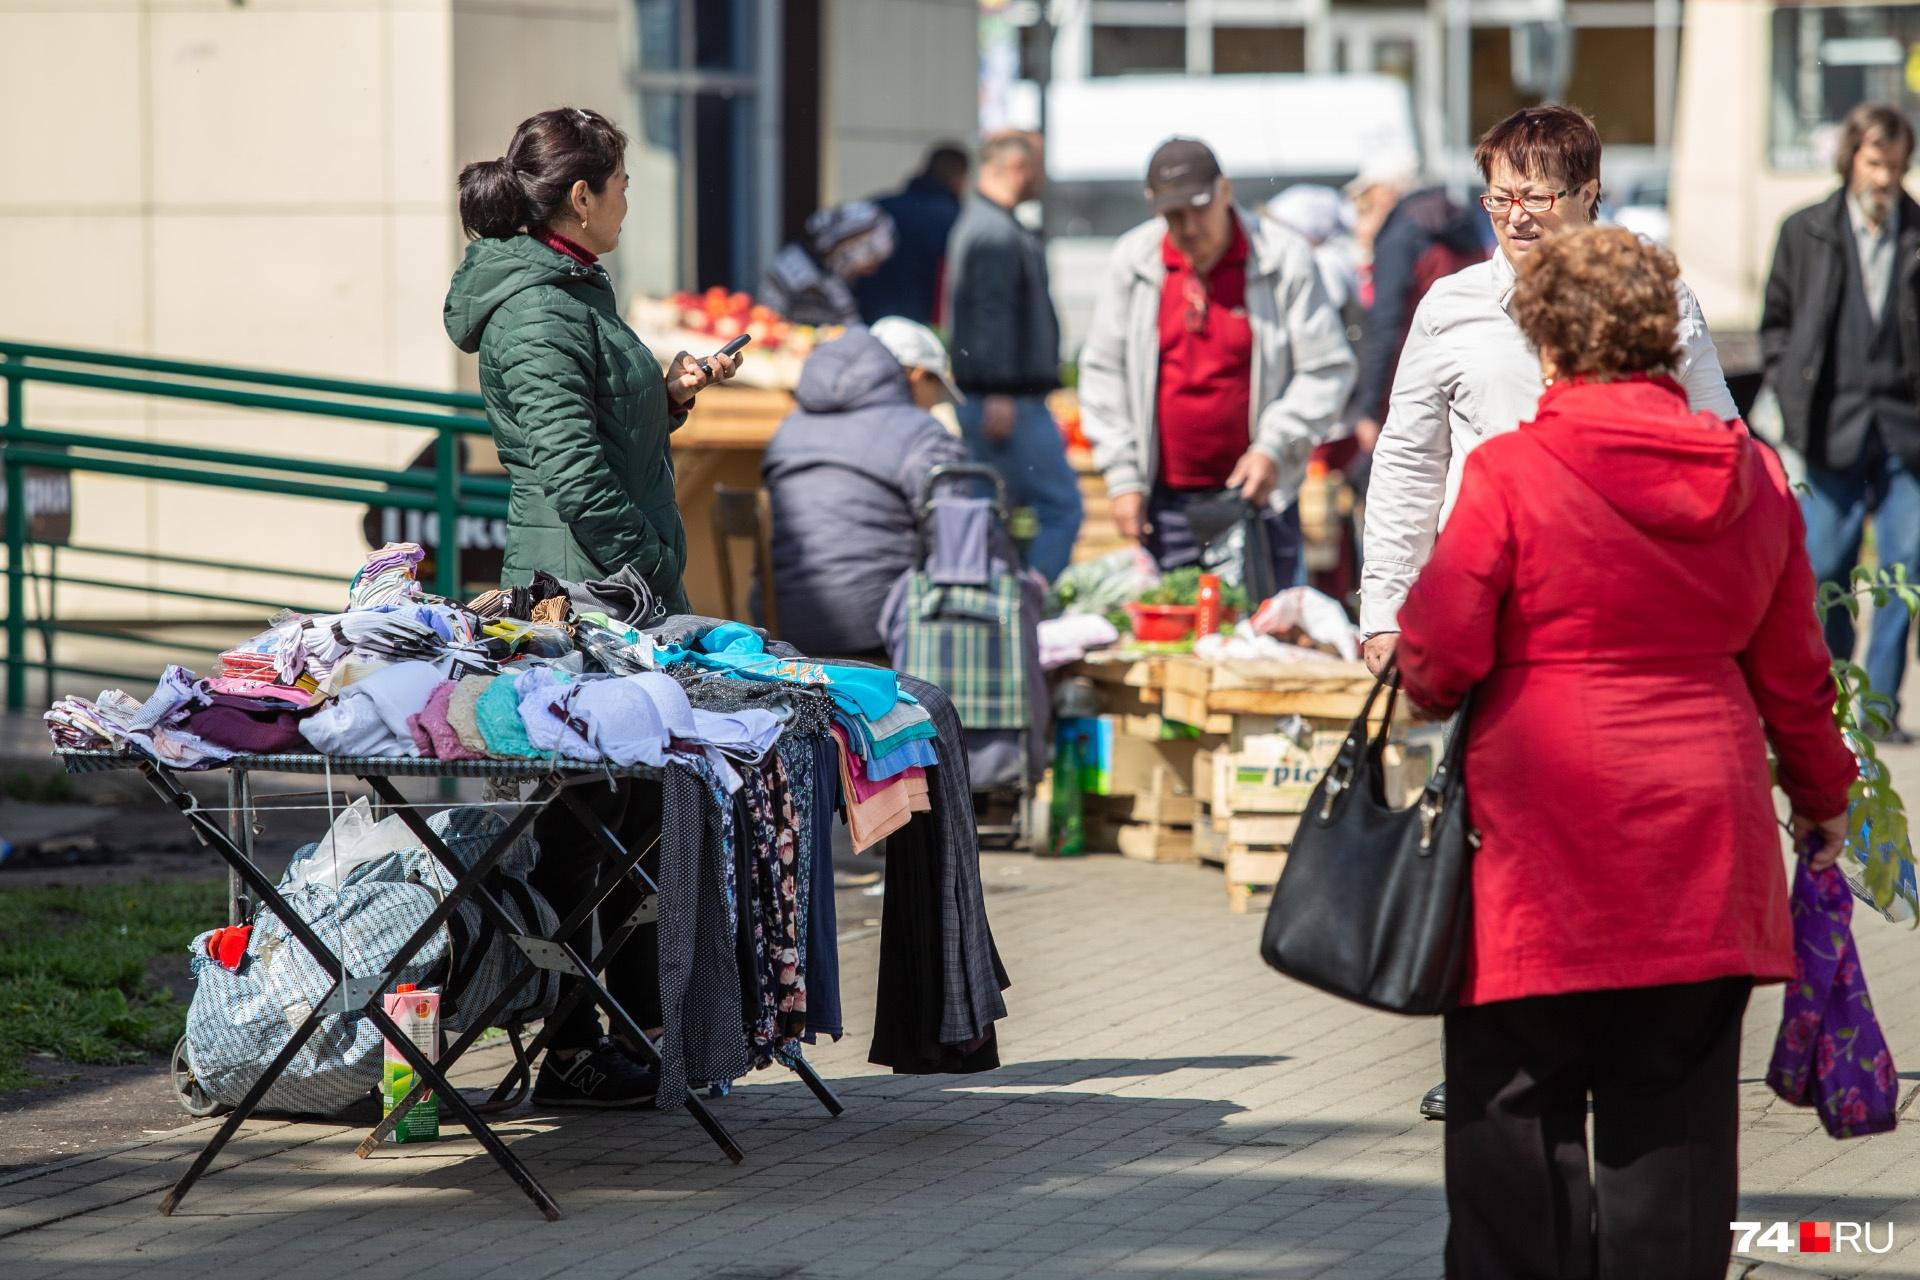 Жители Теплотеха много лет жалуются на эту торговлю...